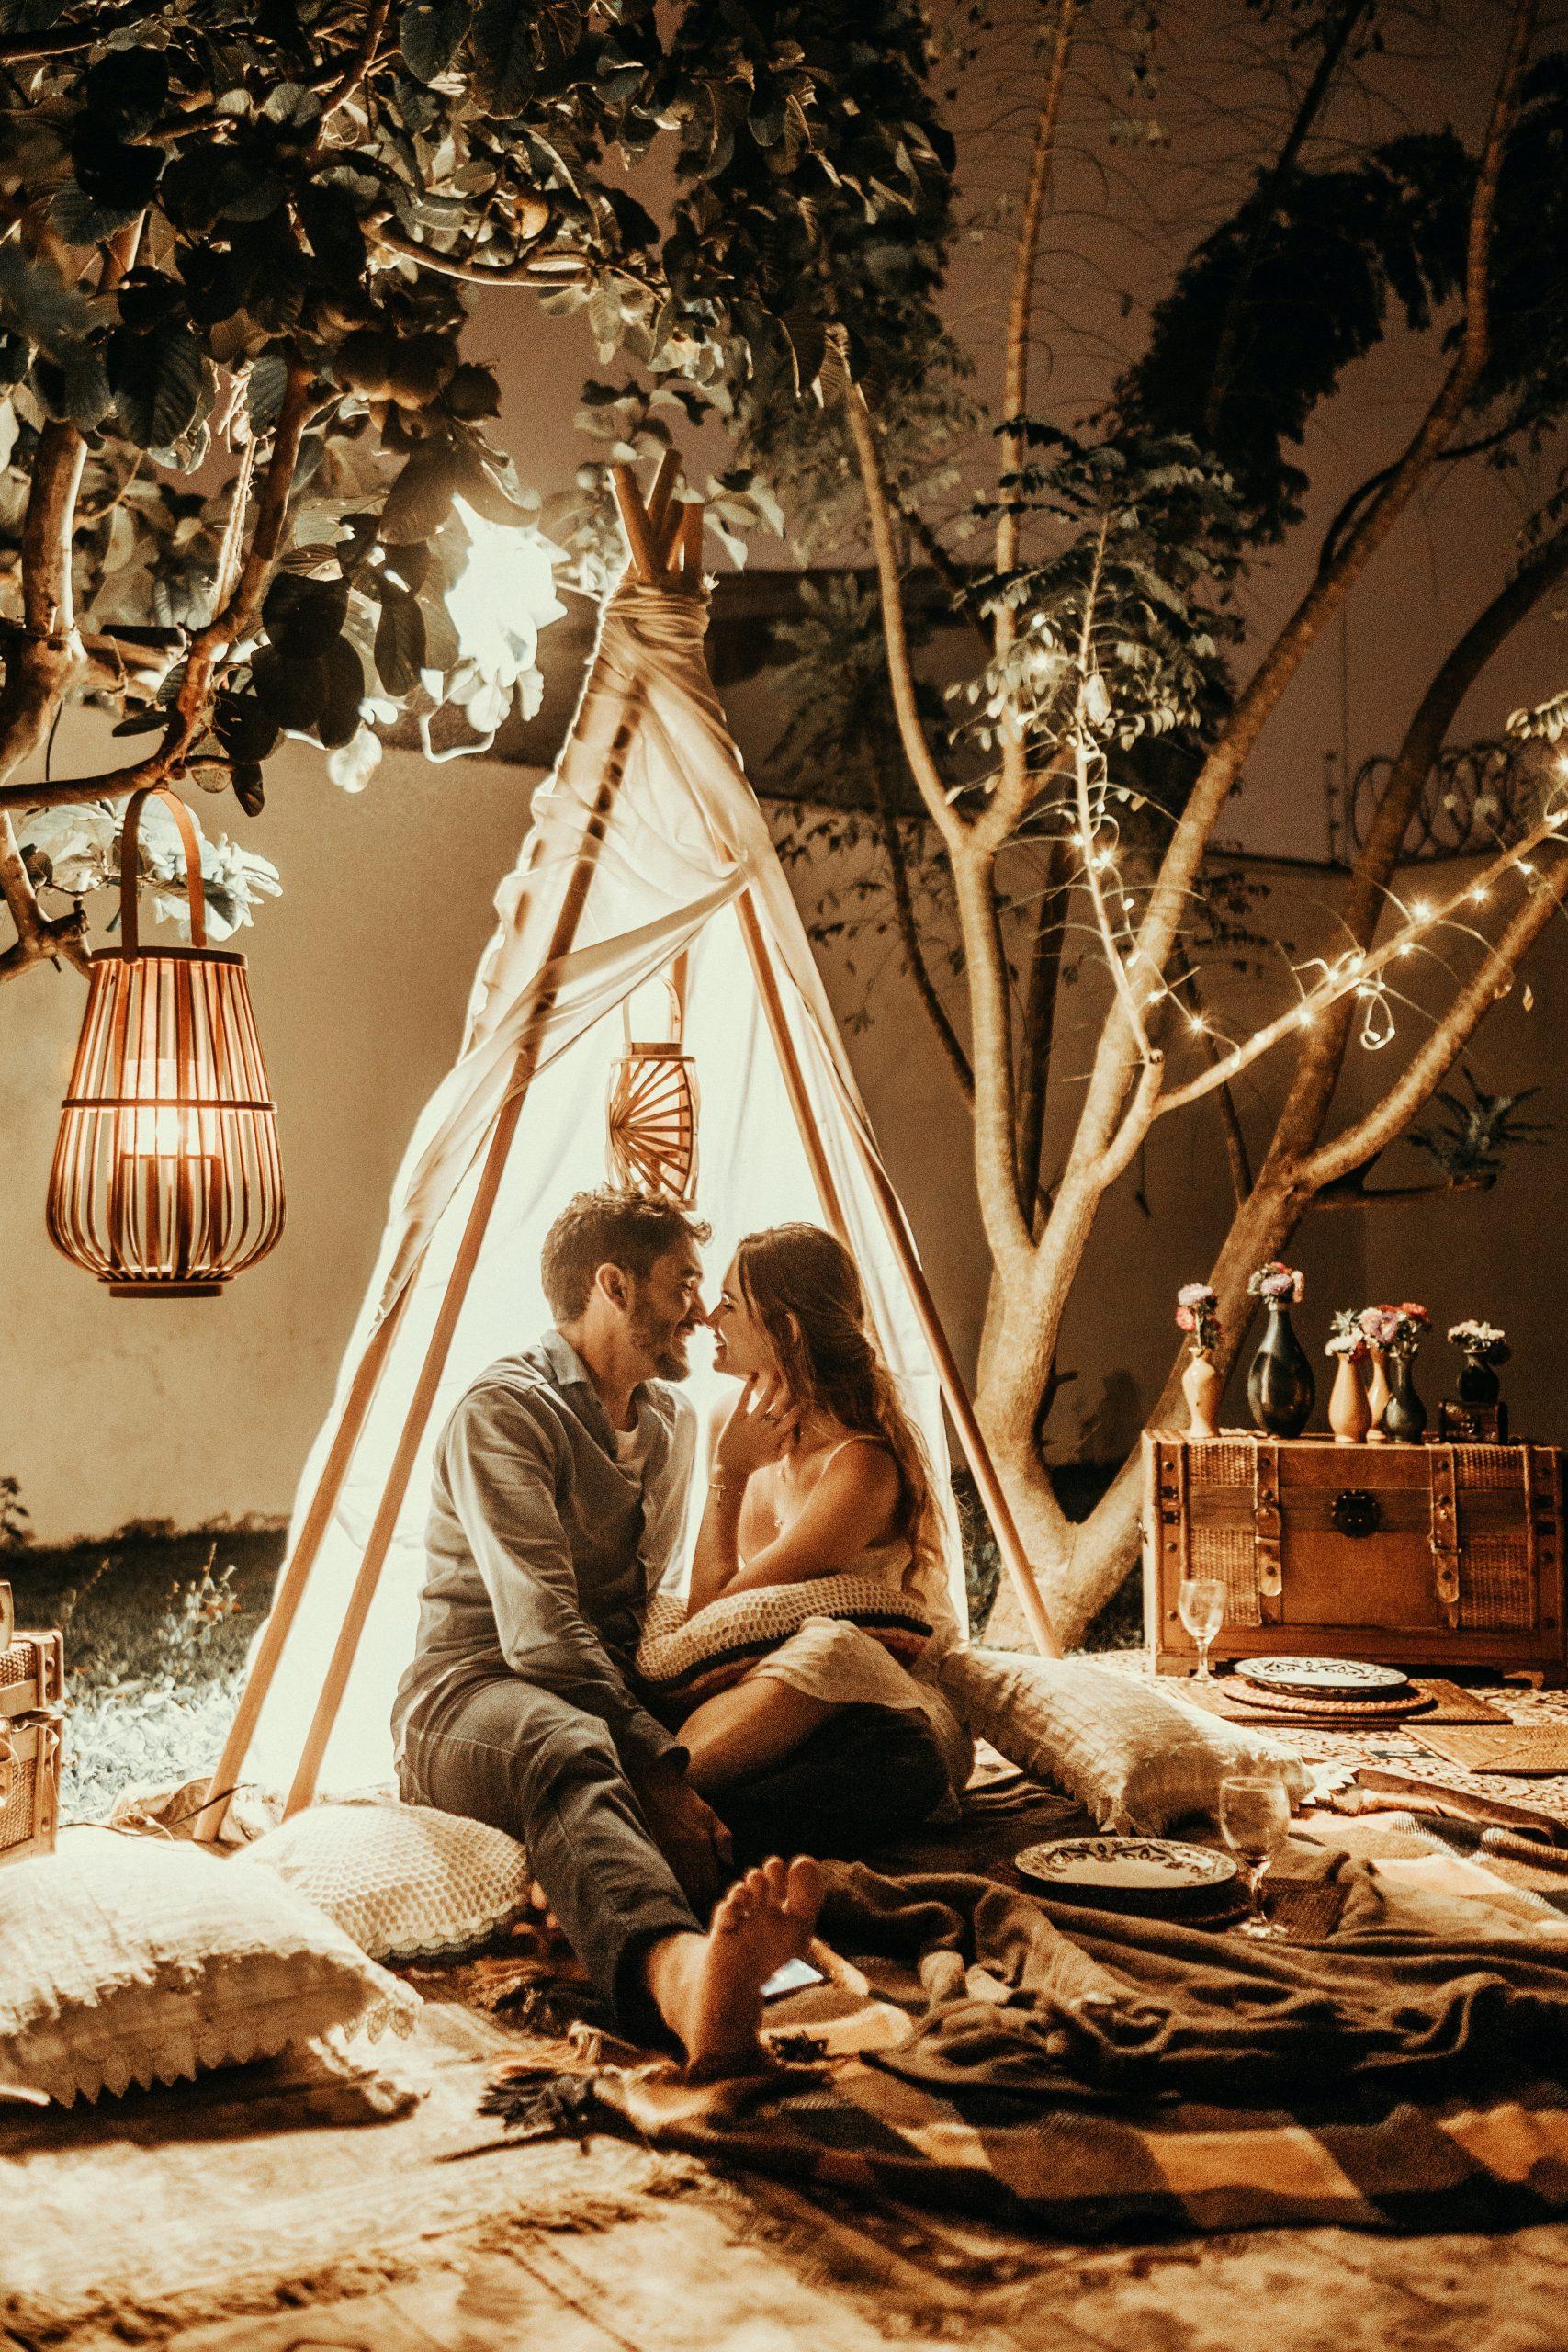 agencia matrimonial para encontrar el amor en pareja 8